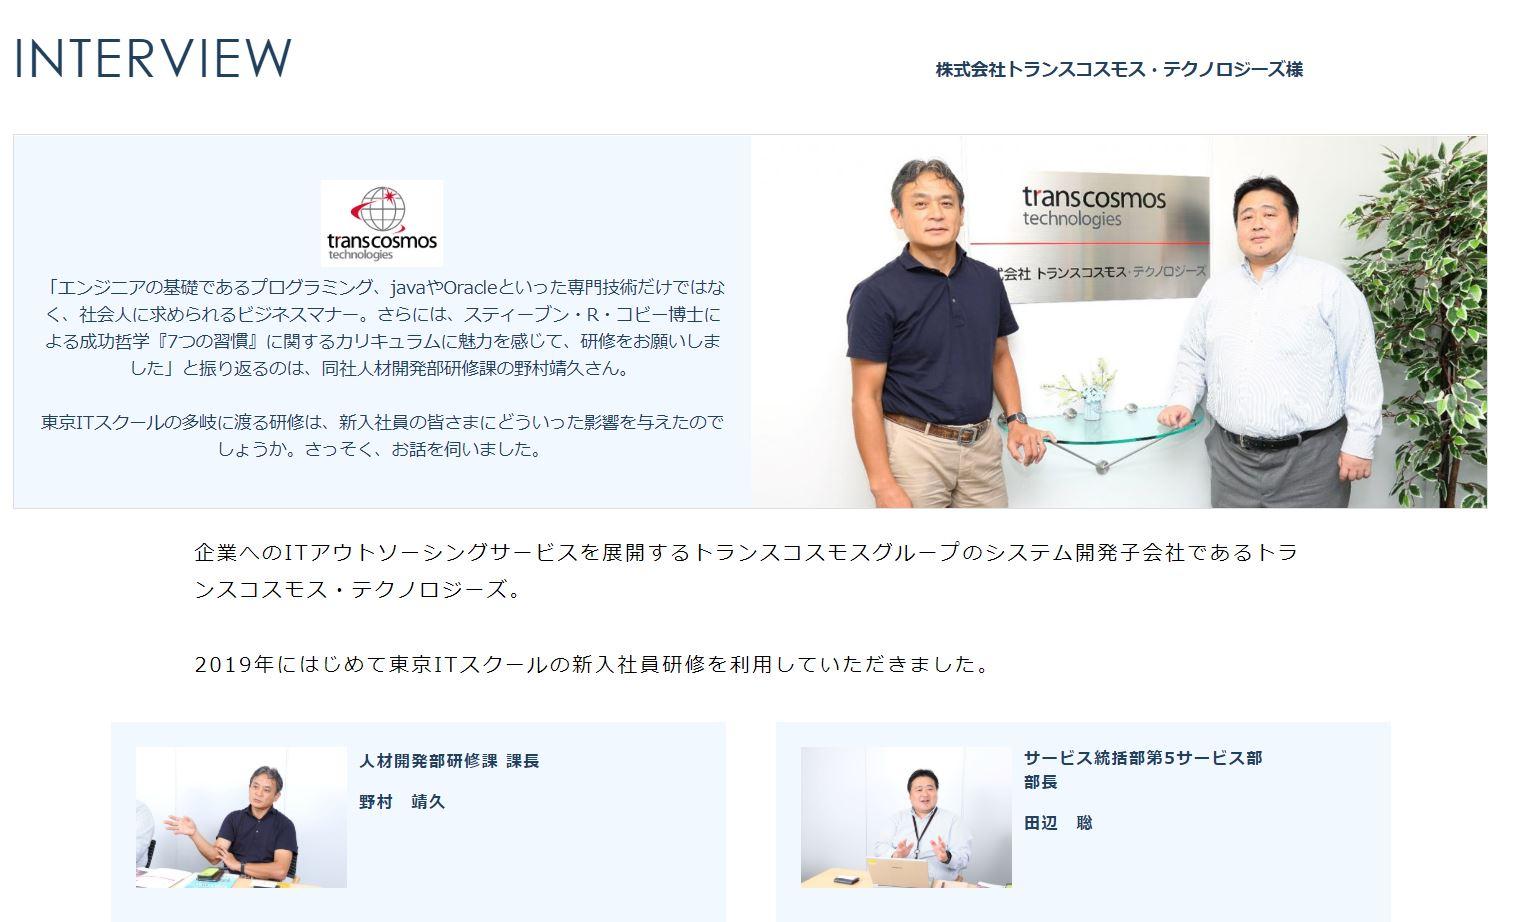 「東京ITスクール」インタビュー記事掲載